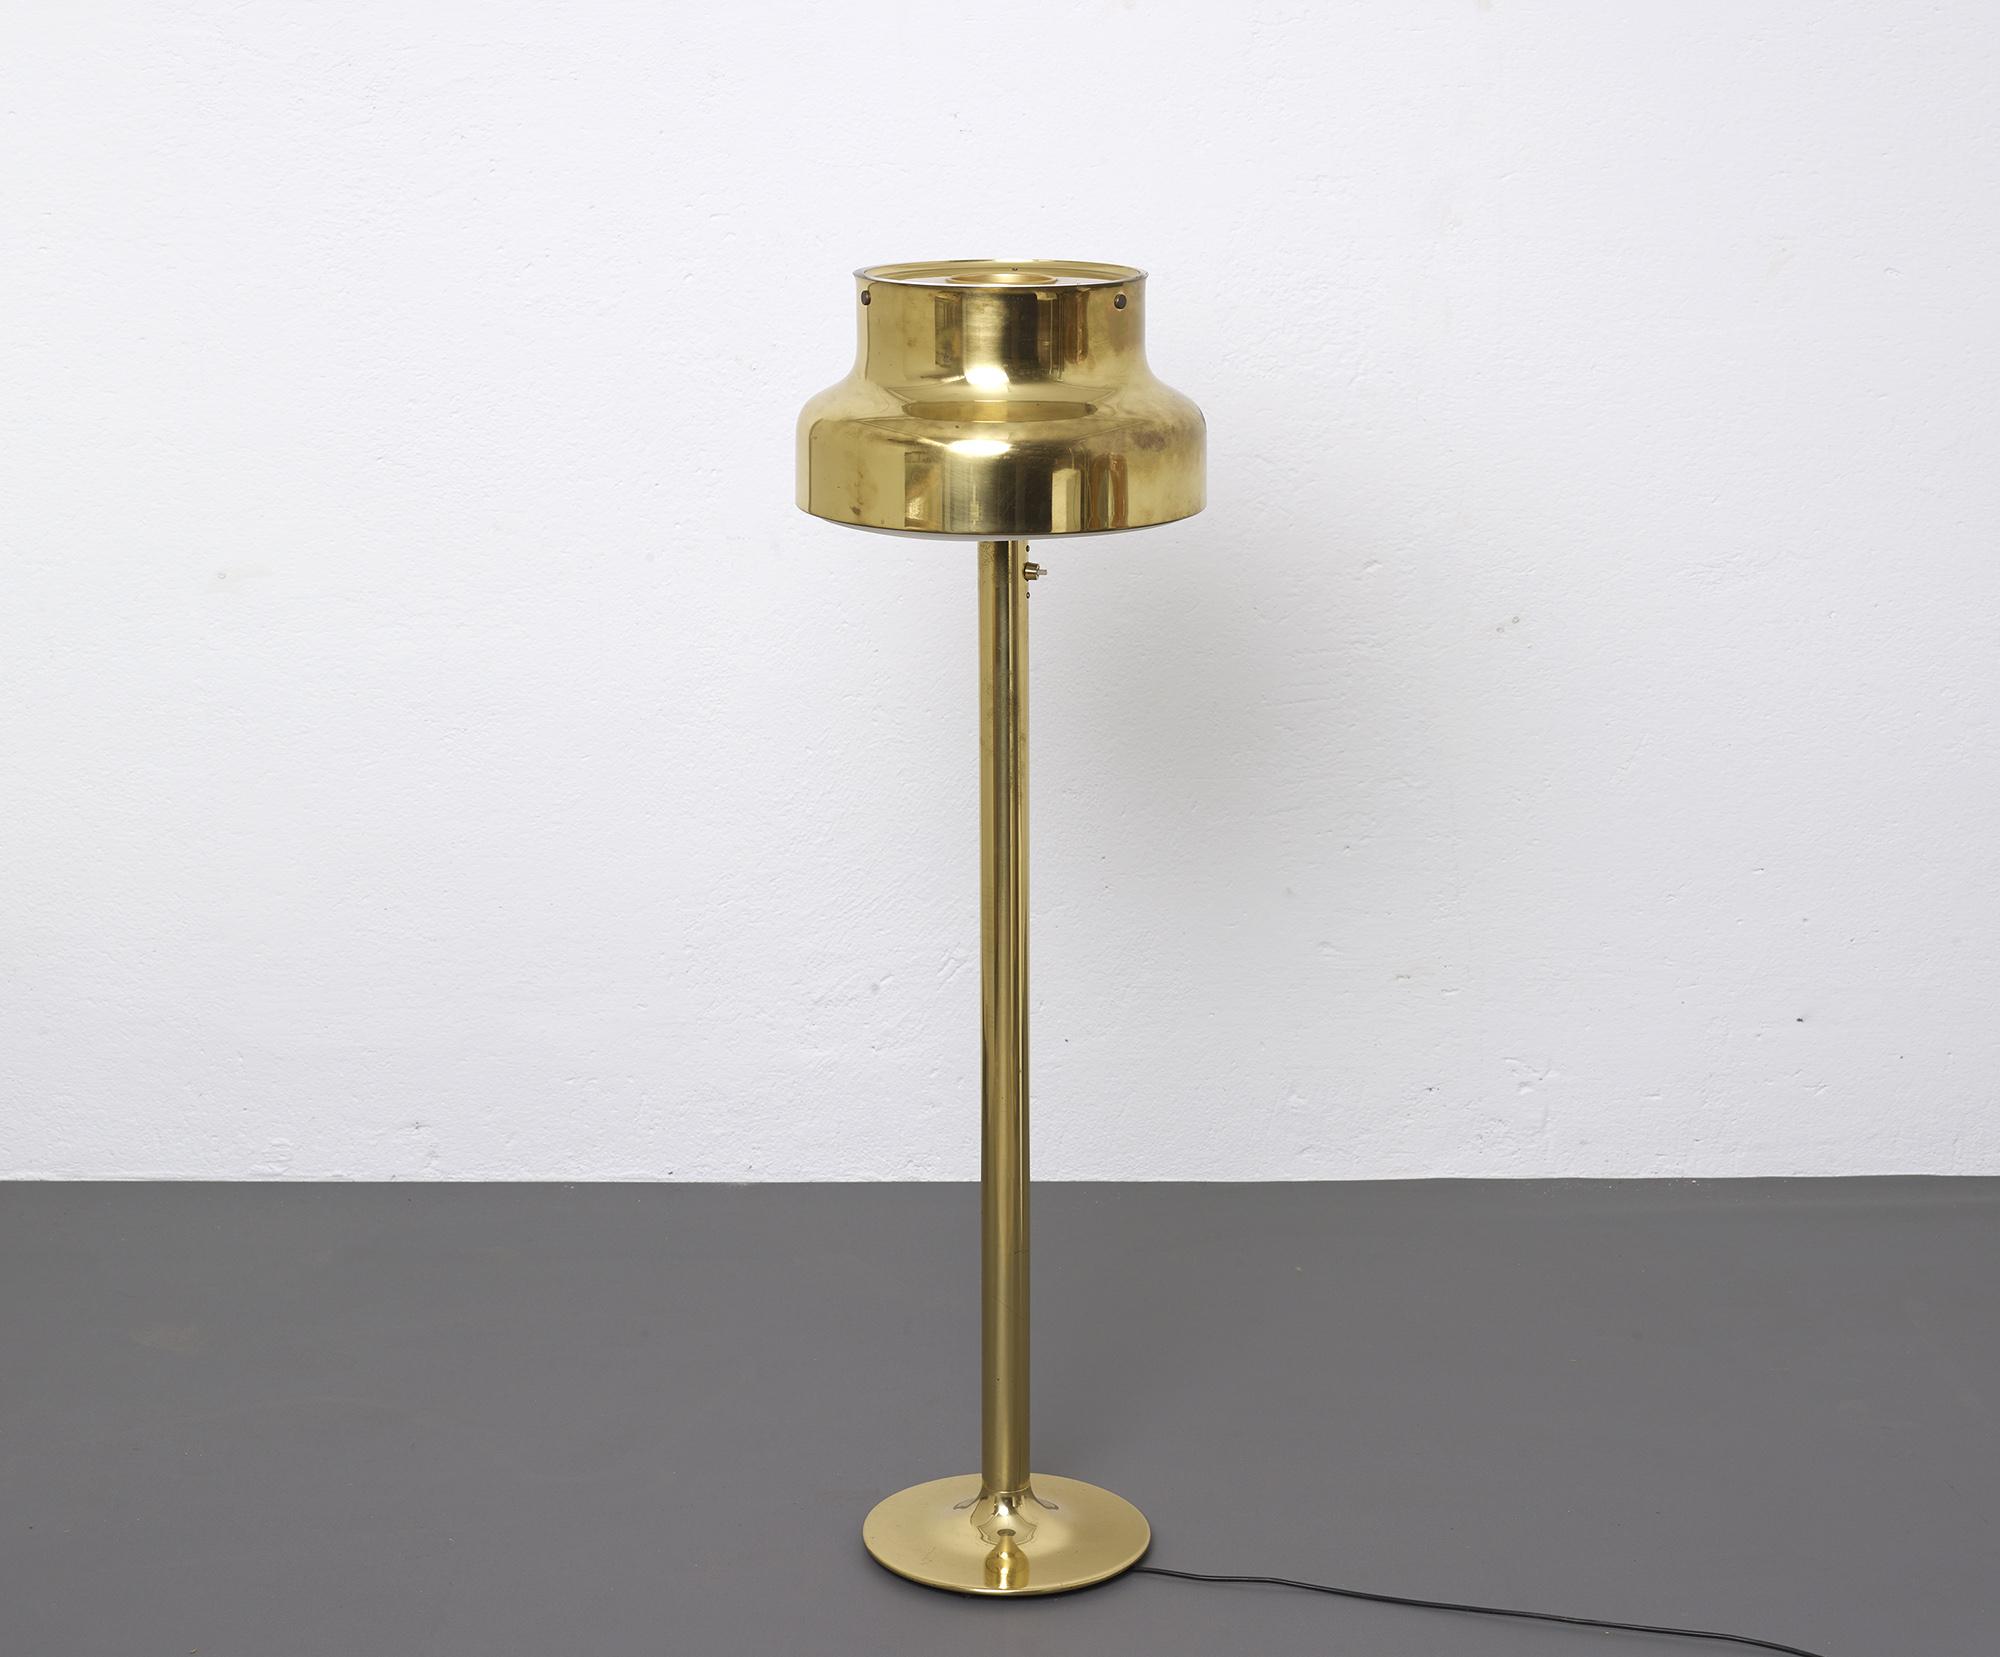 lampe-de-sol-bumling-en-laiton-de-anders-pehrson-1968-image-02